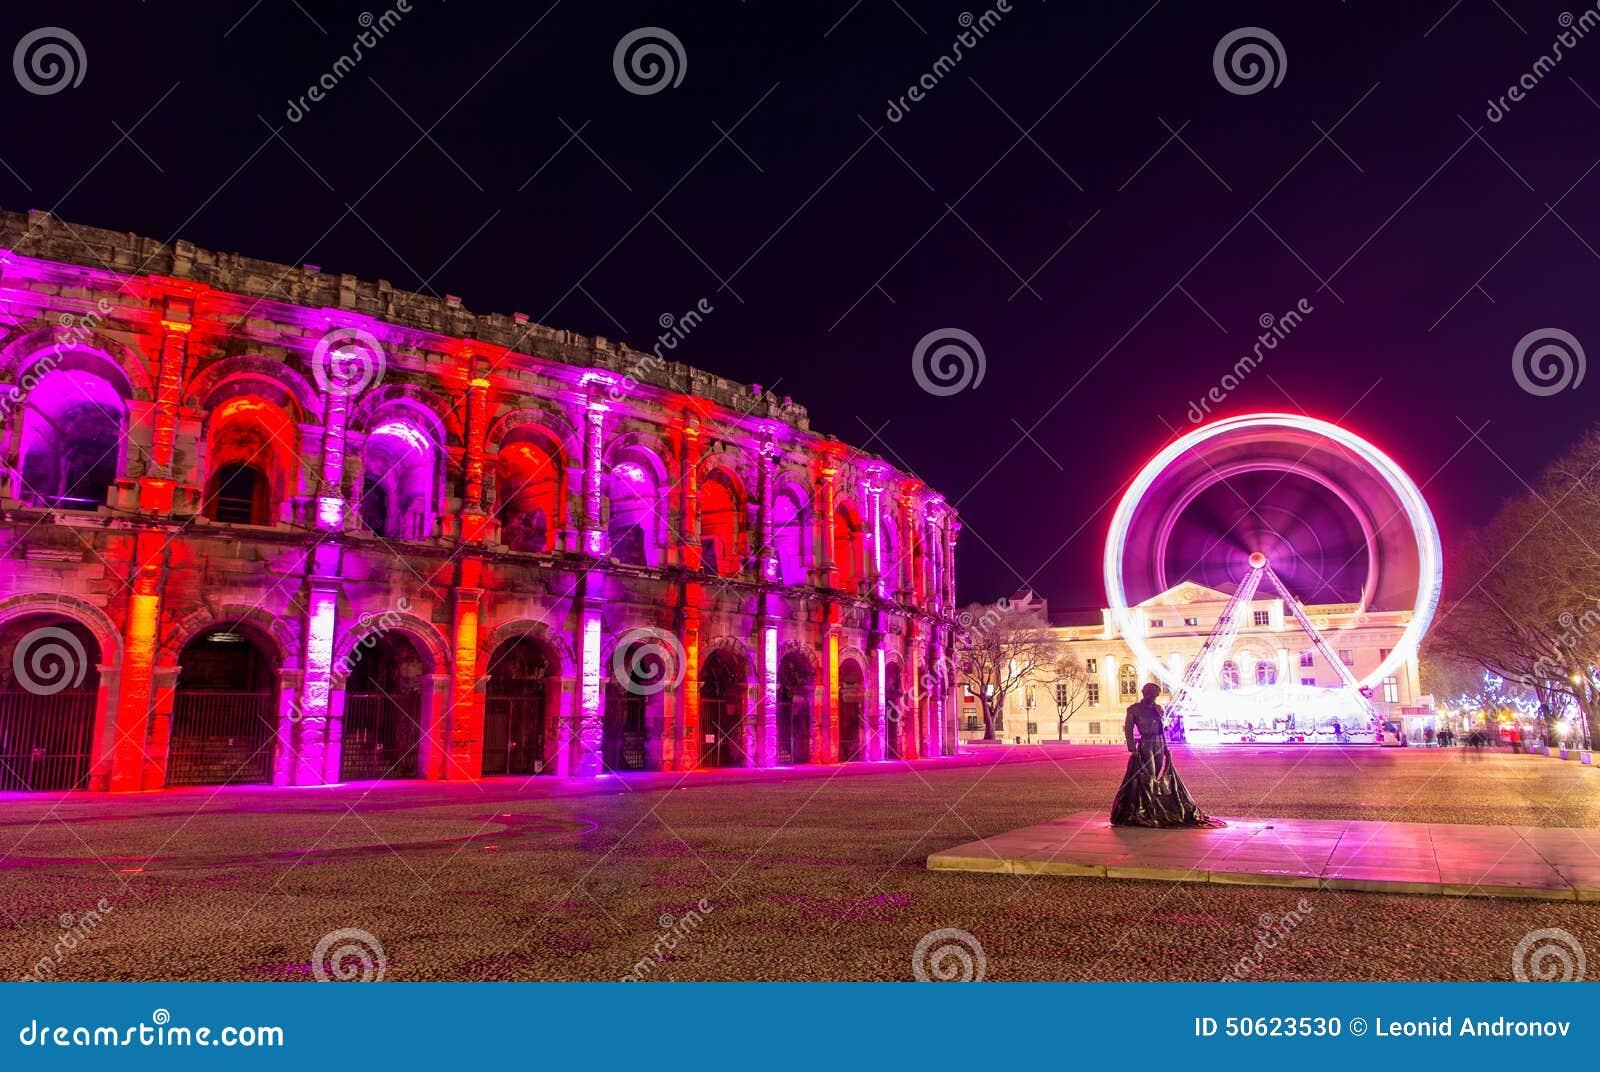 Römischer Amphitheatre, Arena von Nimes, in Frankreich